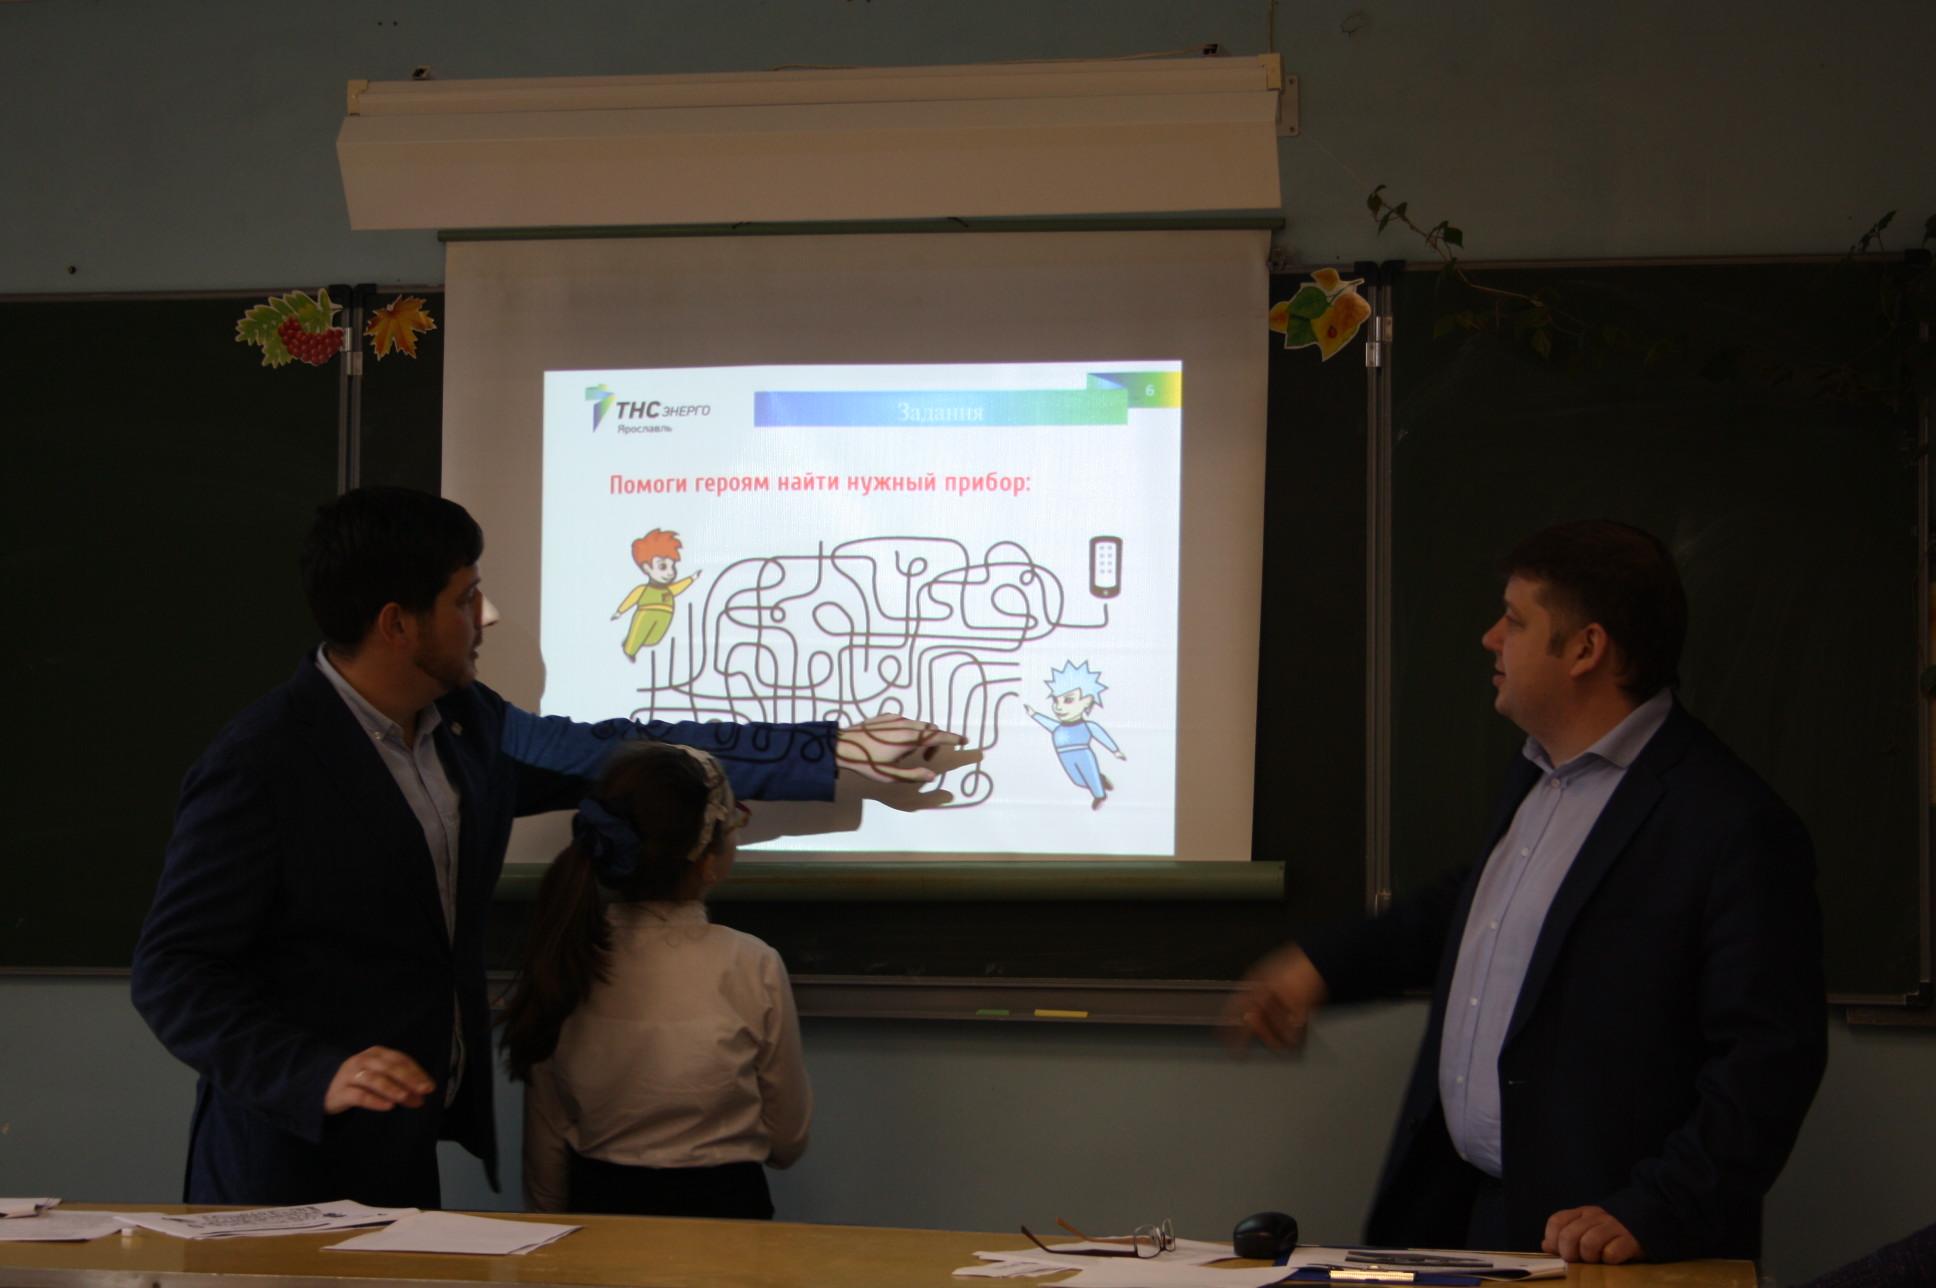 Сотрудники ПАО «ТНС энерго Ярославль» проводят уроки энергоэффективности для ярославских школьников